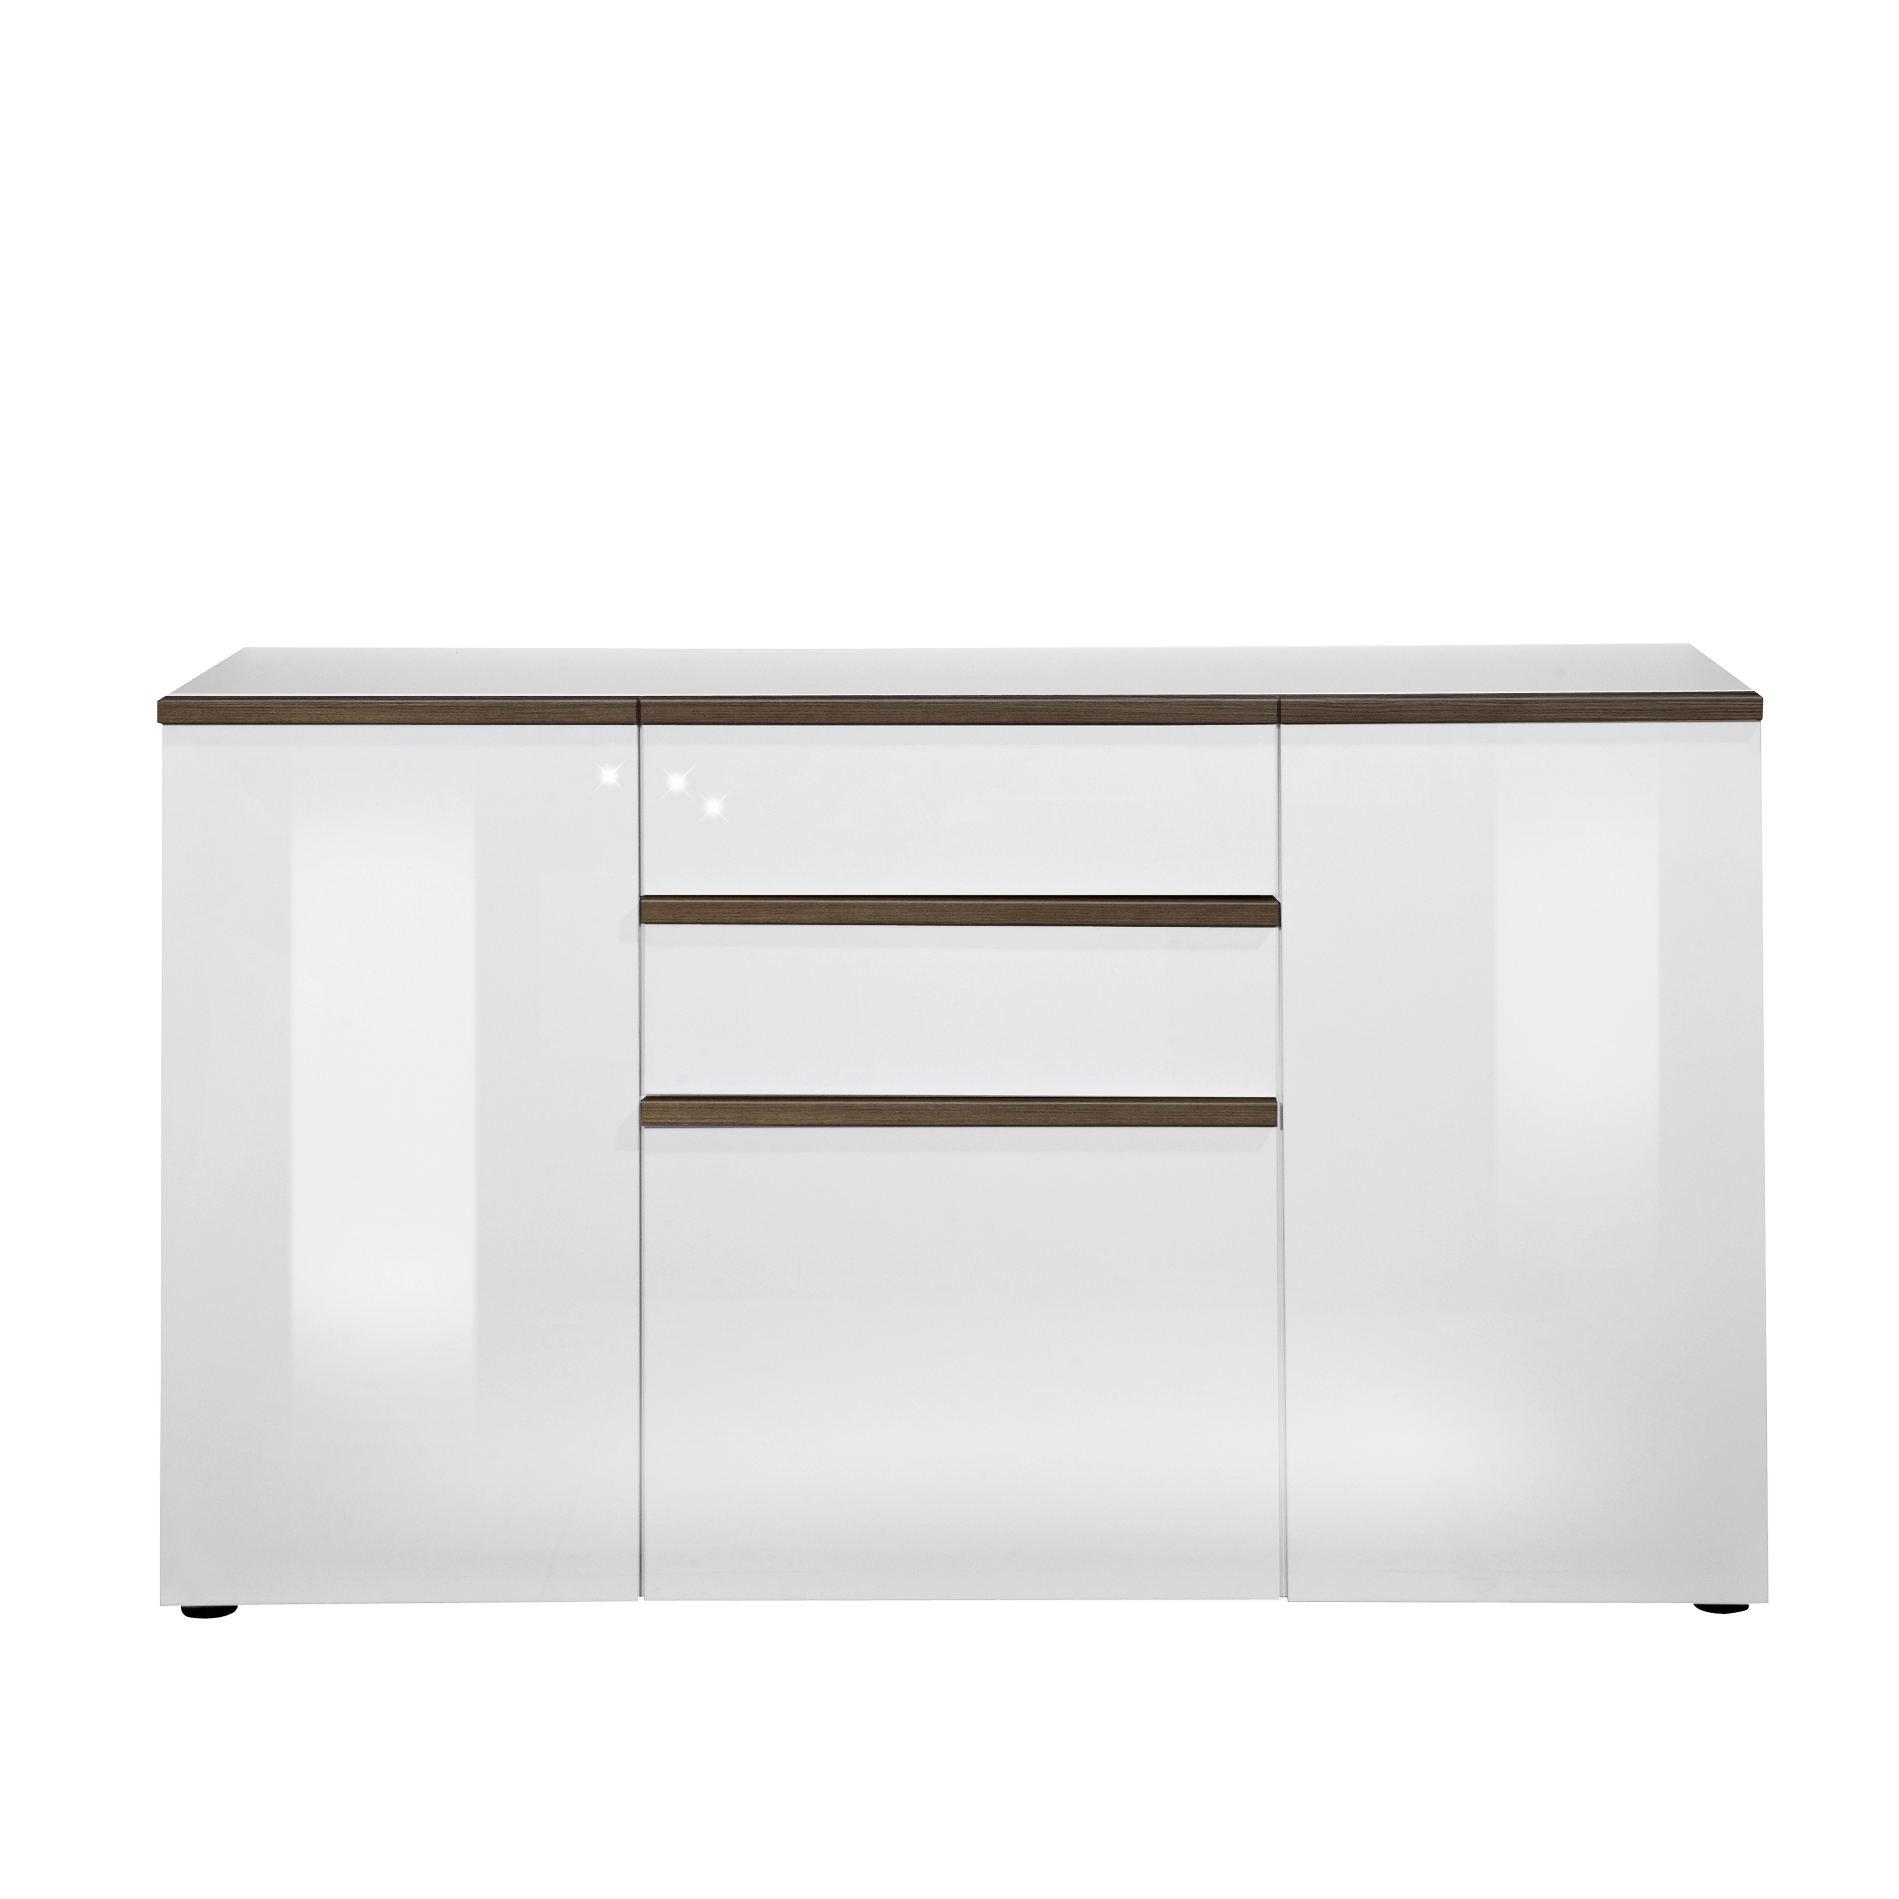 Bahut design WHITE